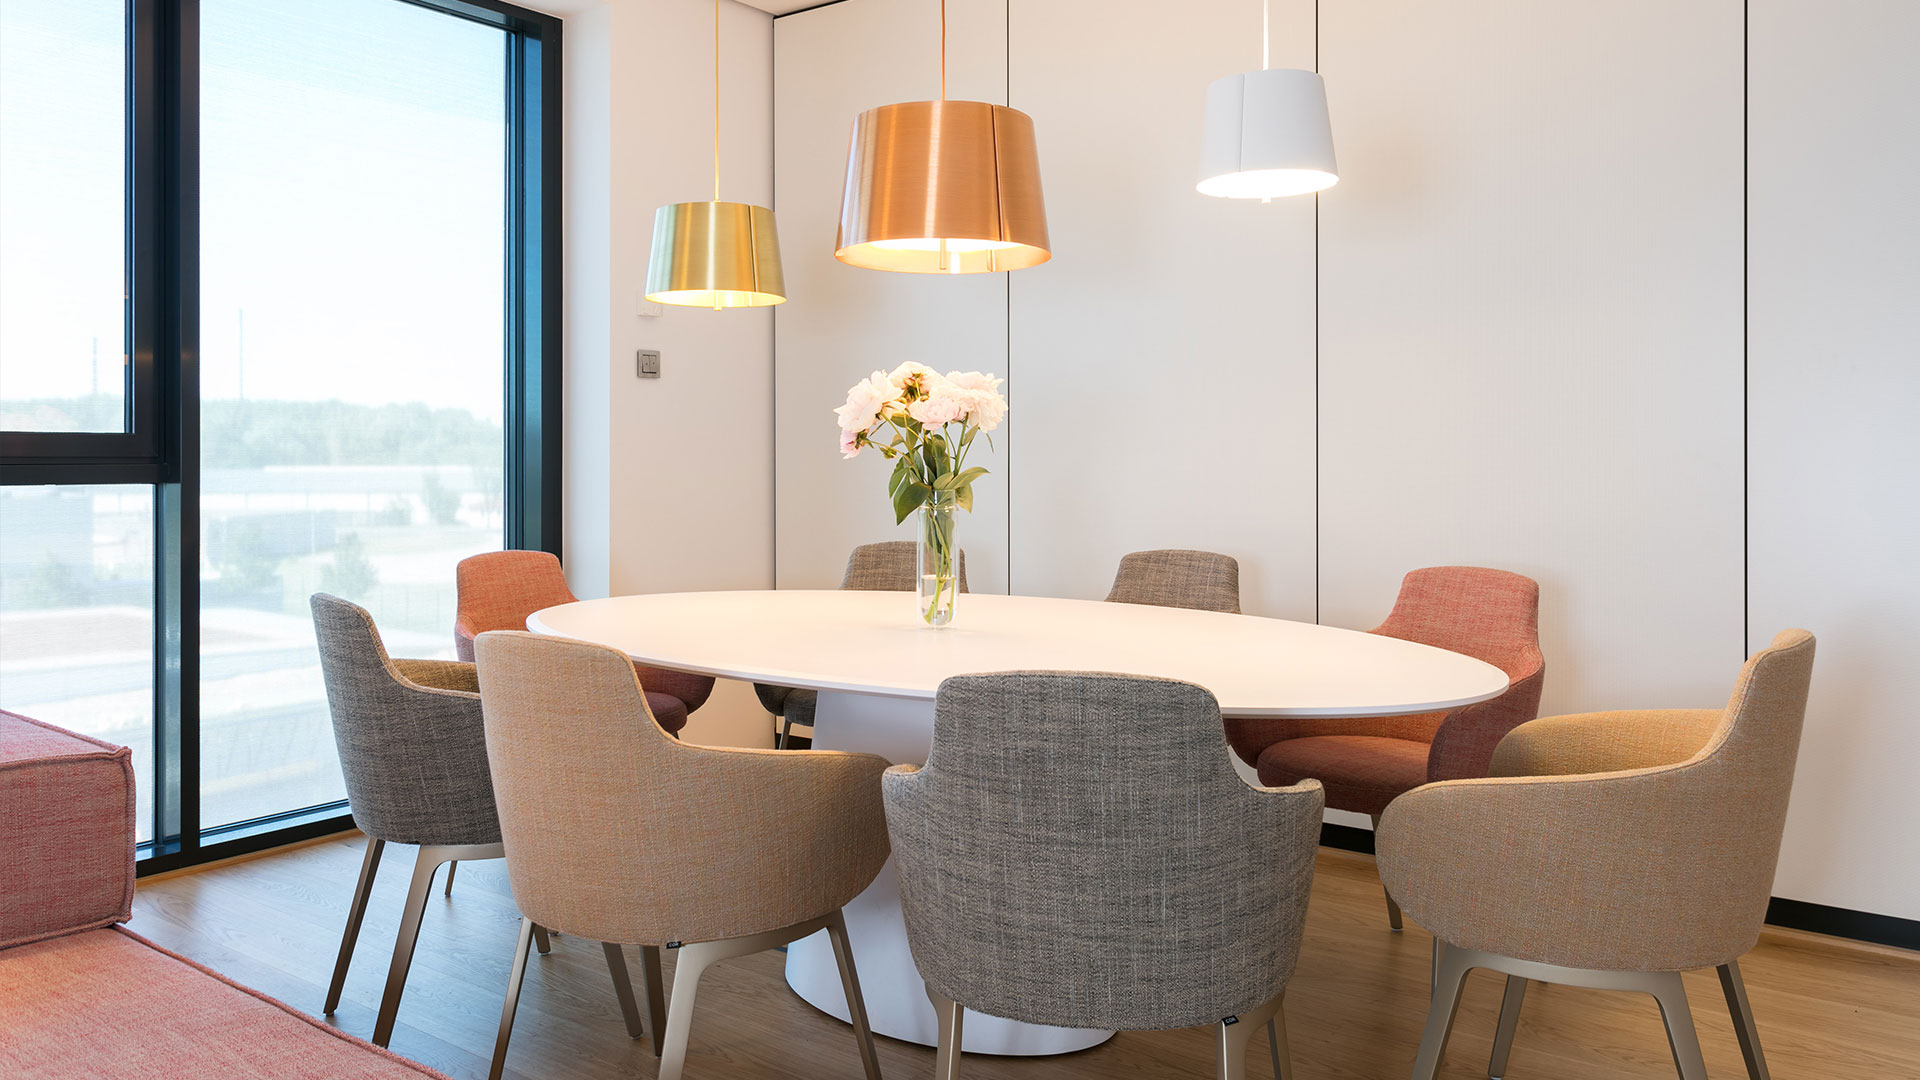 wir freuen uns auf sie stumpf ohg versicherungen seit. Black Bedroom Furniture Sets. Home Design Ideas